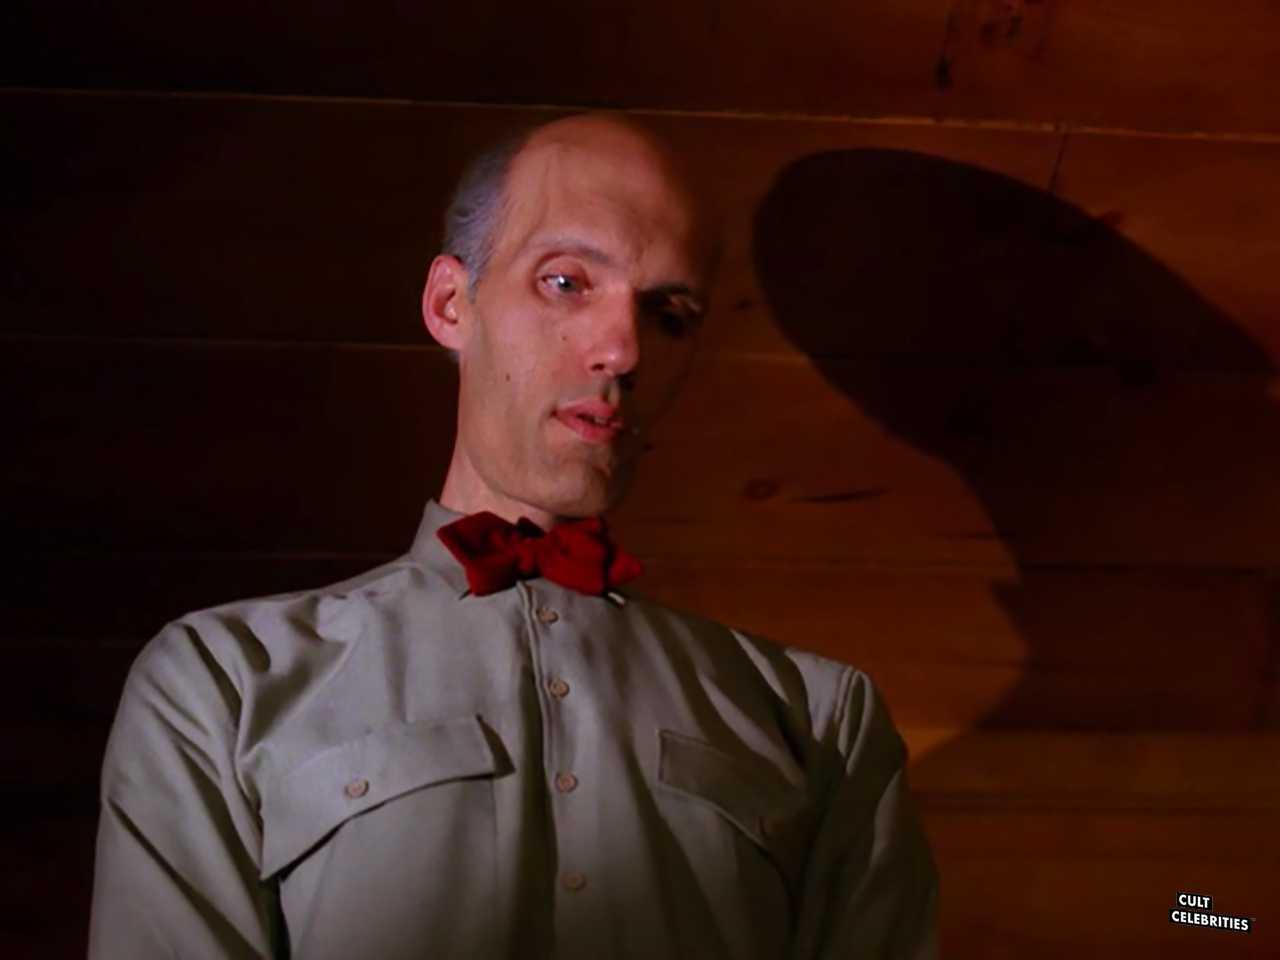 Carel Struycken in Twin Peaks (1990)